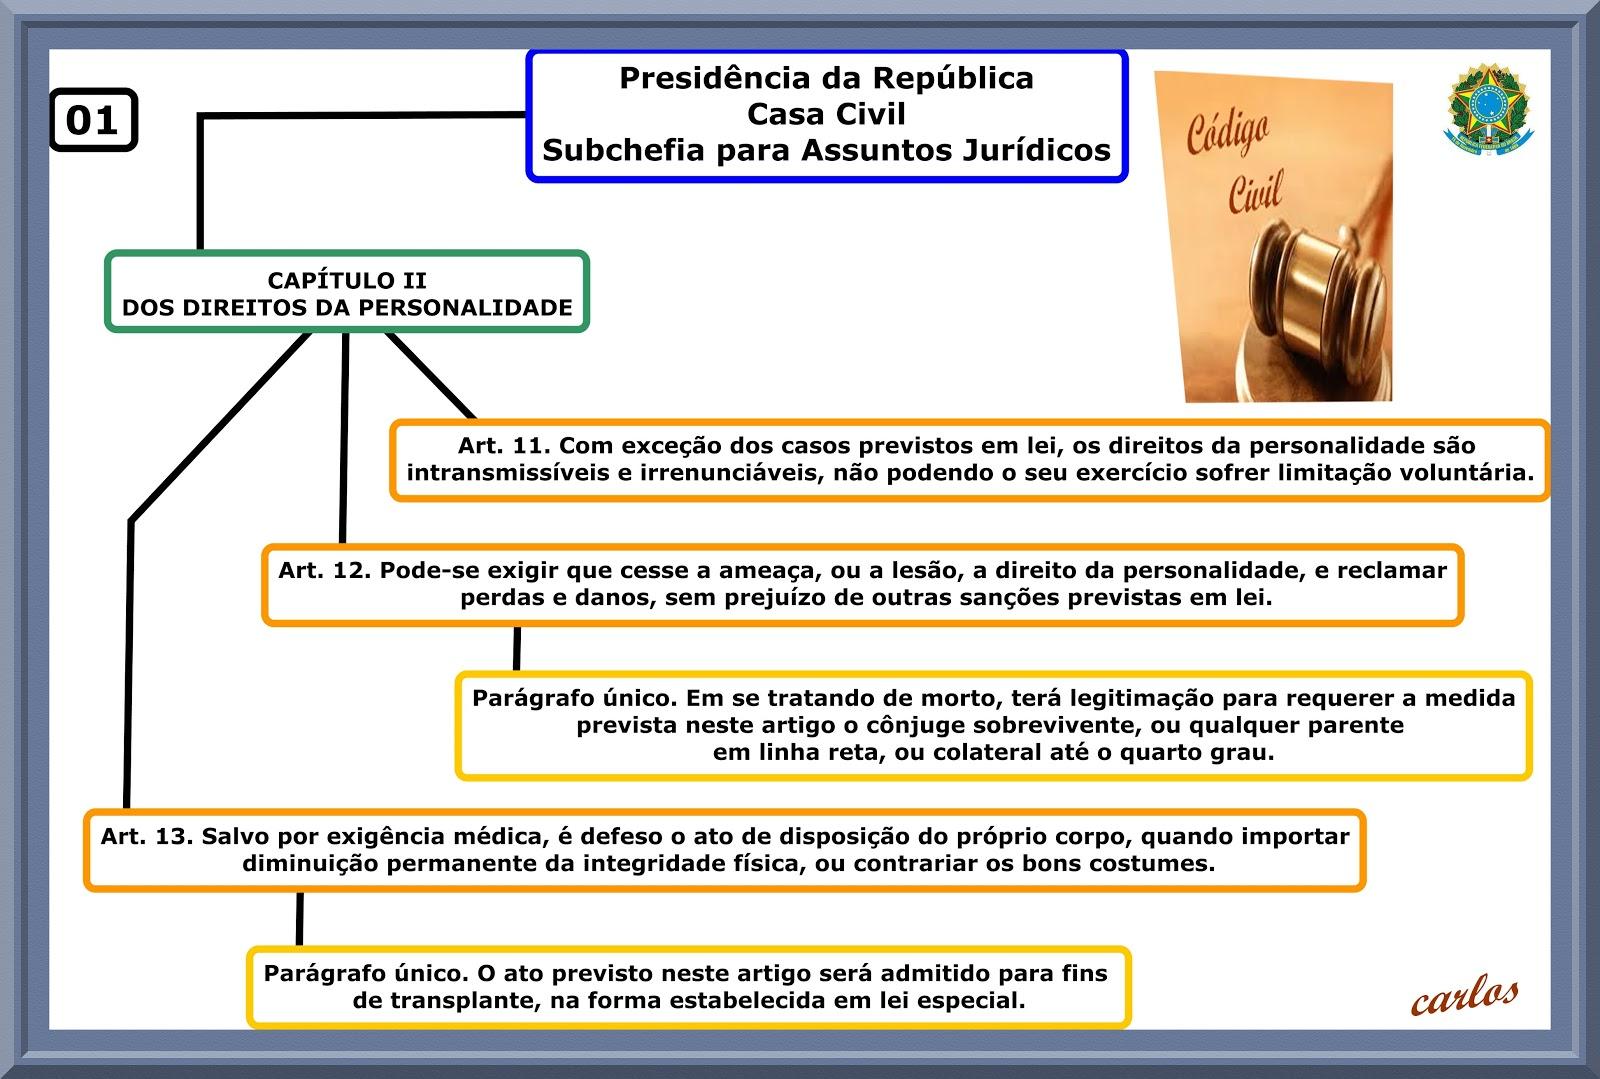 CAPÍTULO II DOS DIREITOS DA PERSONALIDADE